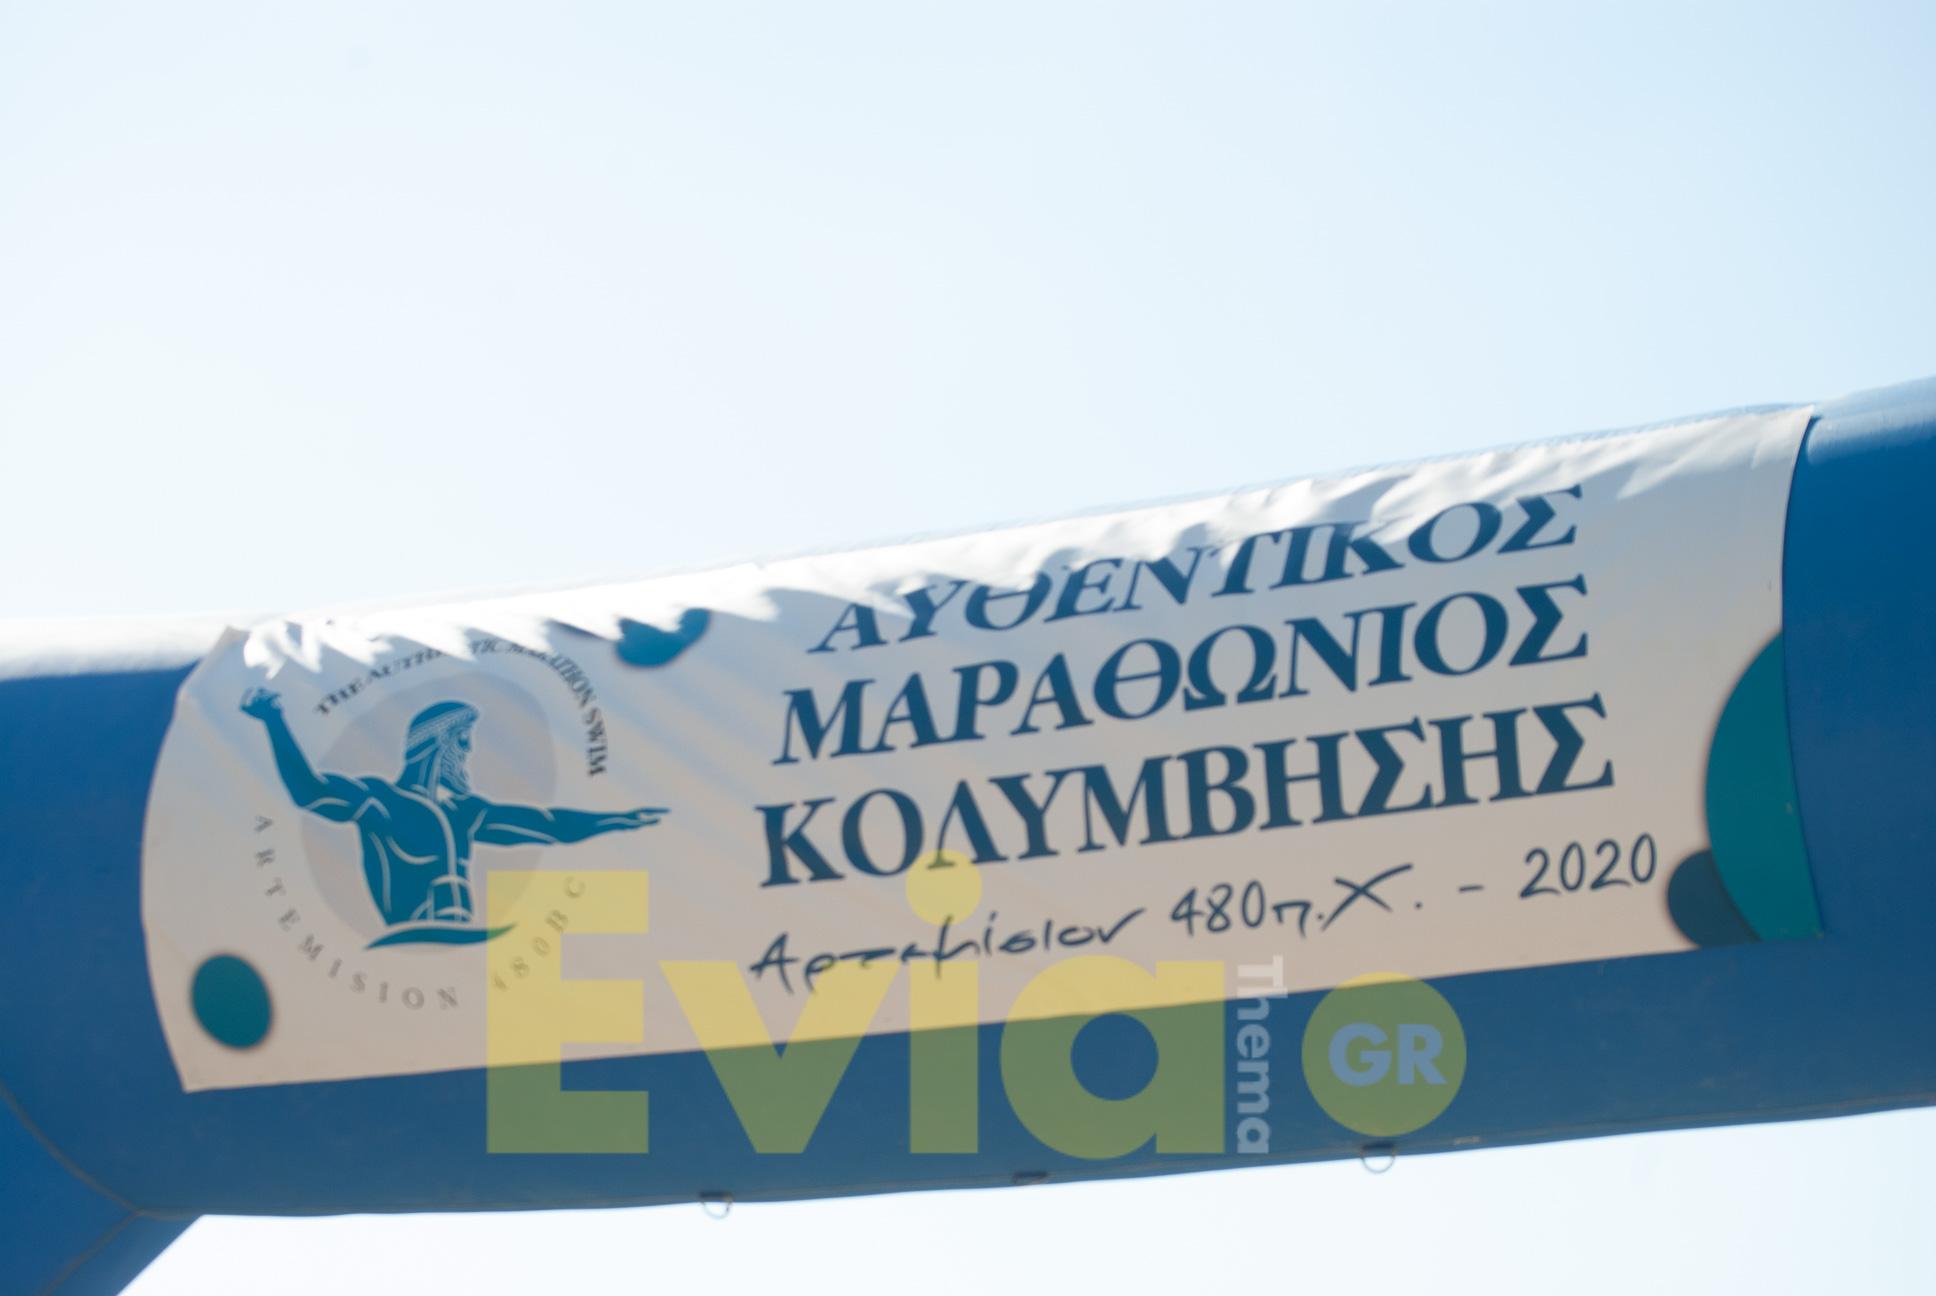 η πρώτη μέρα της Μεγάλης Διοργάνωσης του Μαραθωνίου Κολύμβησης Πευκί